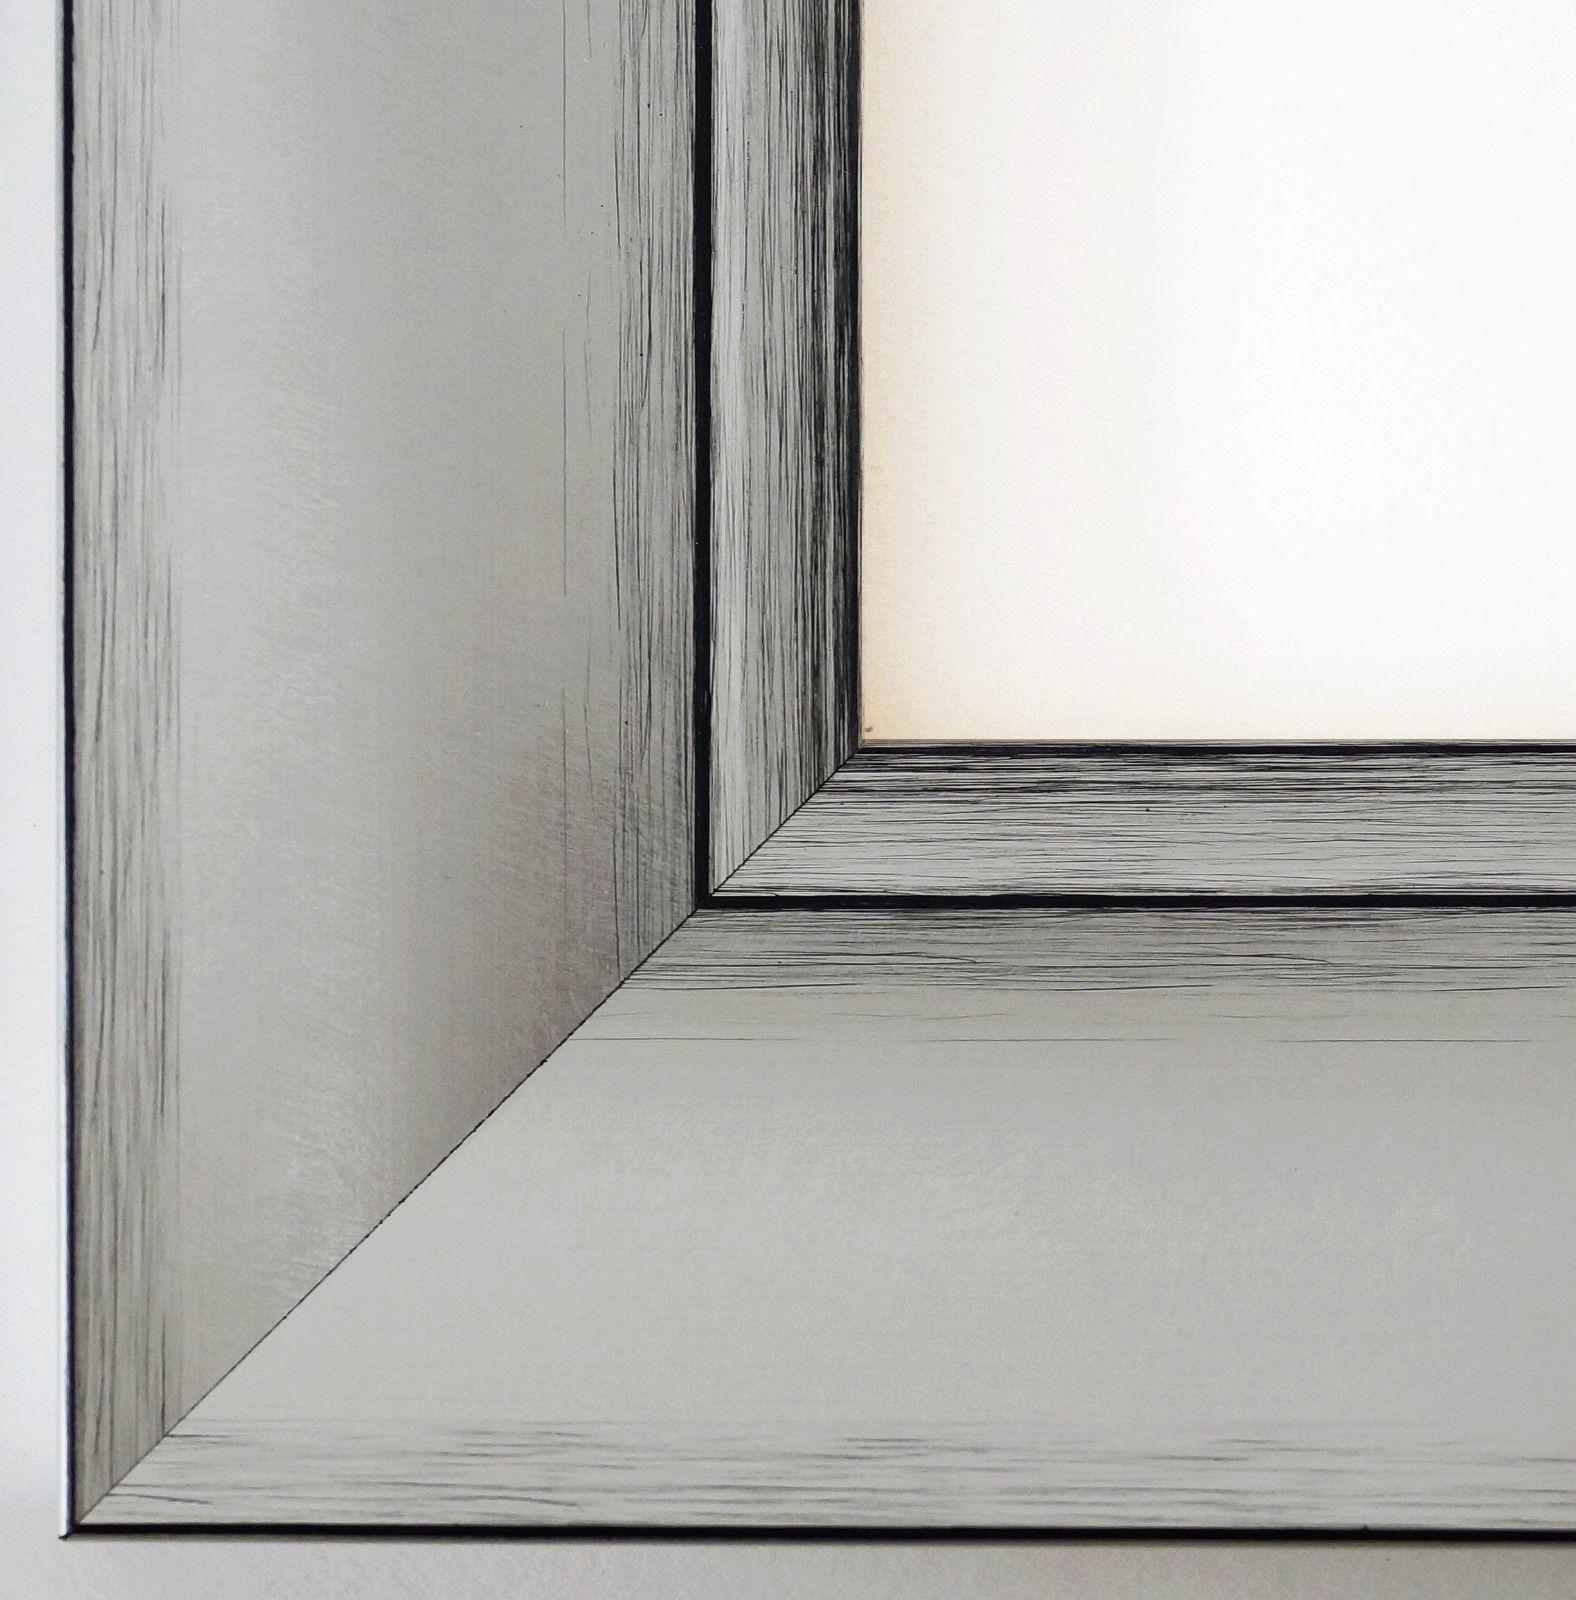 Bilderrahmen Silber Antik Shabby Rahmen Klassisch Bochum 6, 9 - alle ...